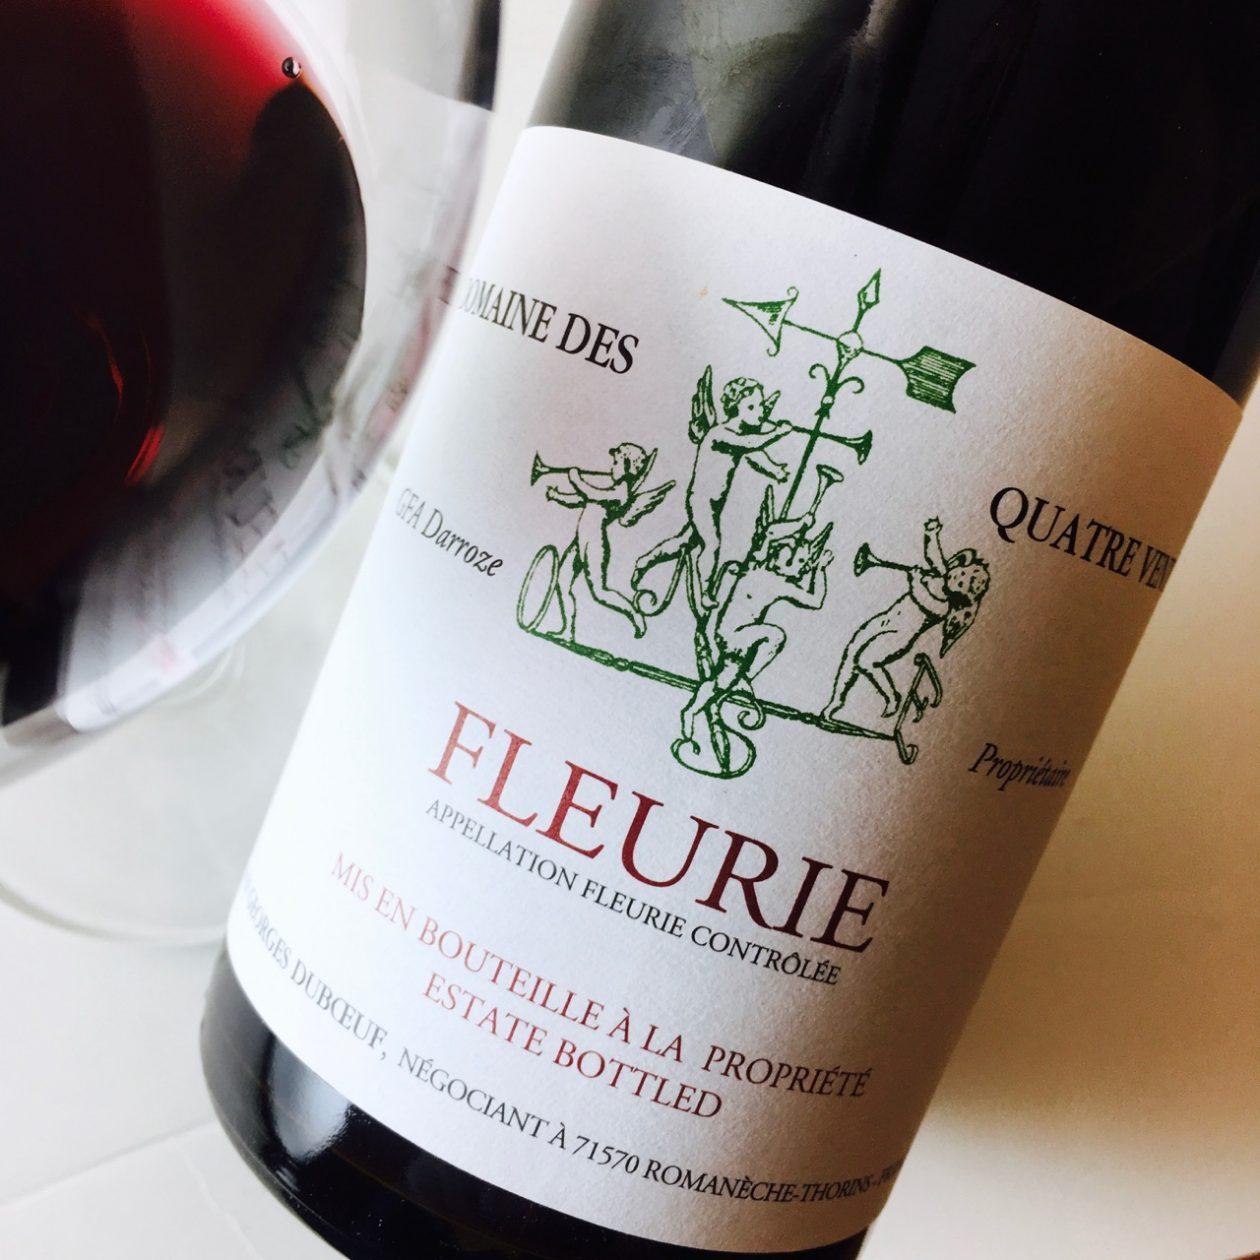 2015 Georges Duboeuf Domaine des Quartre Vents Fleurie AOP